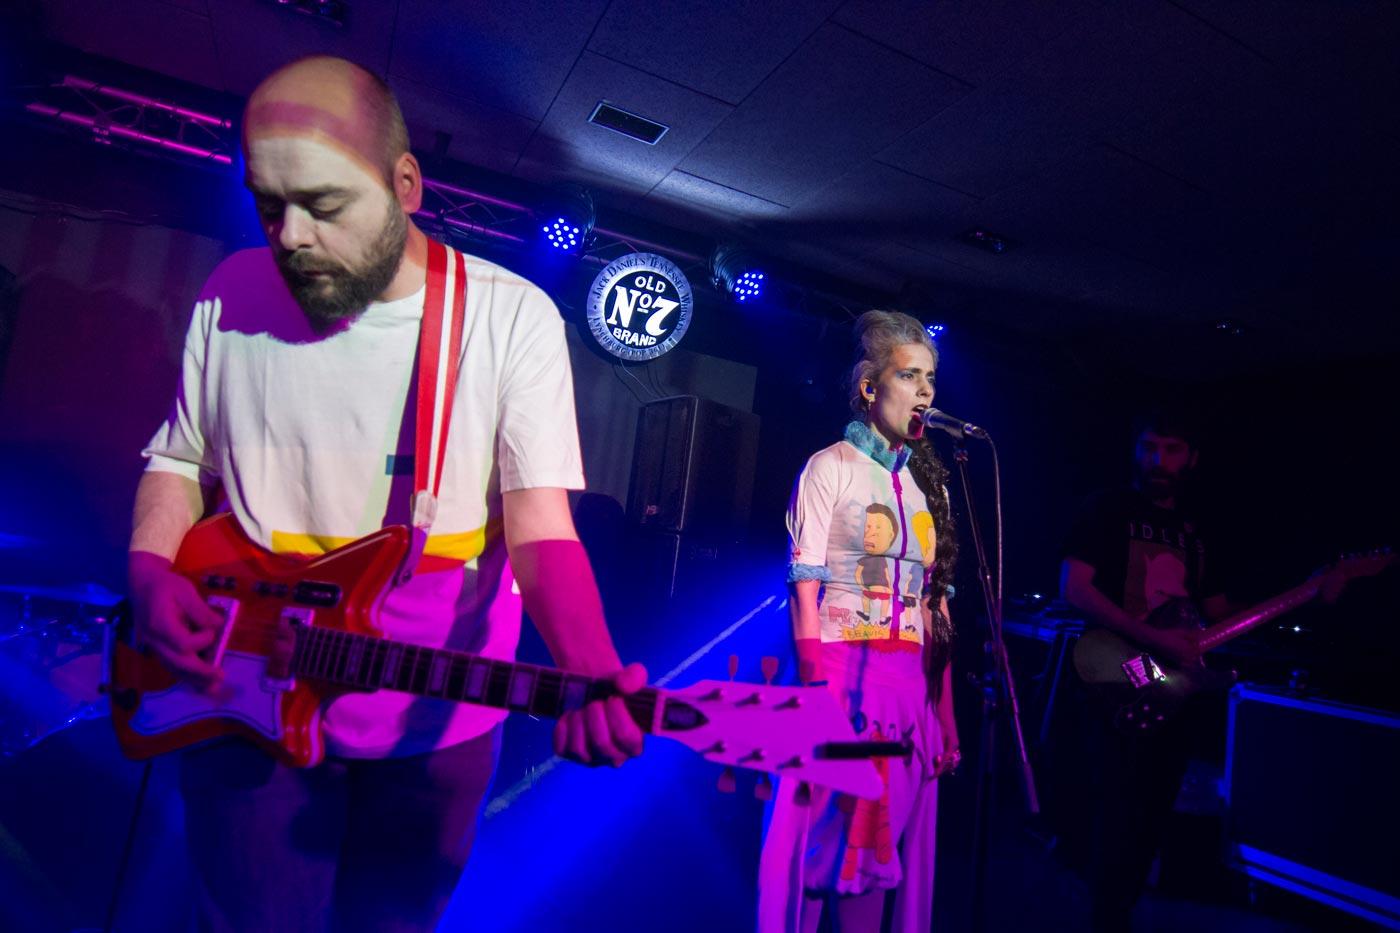 Madrid celebra la zona 1 con un concierto de Punsetes en Moby Dick